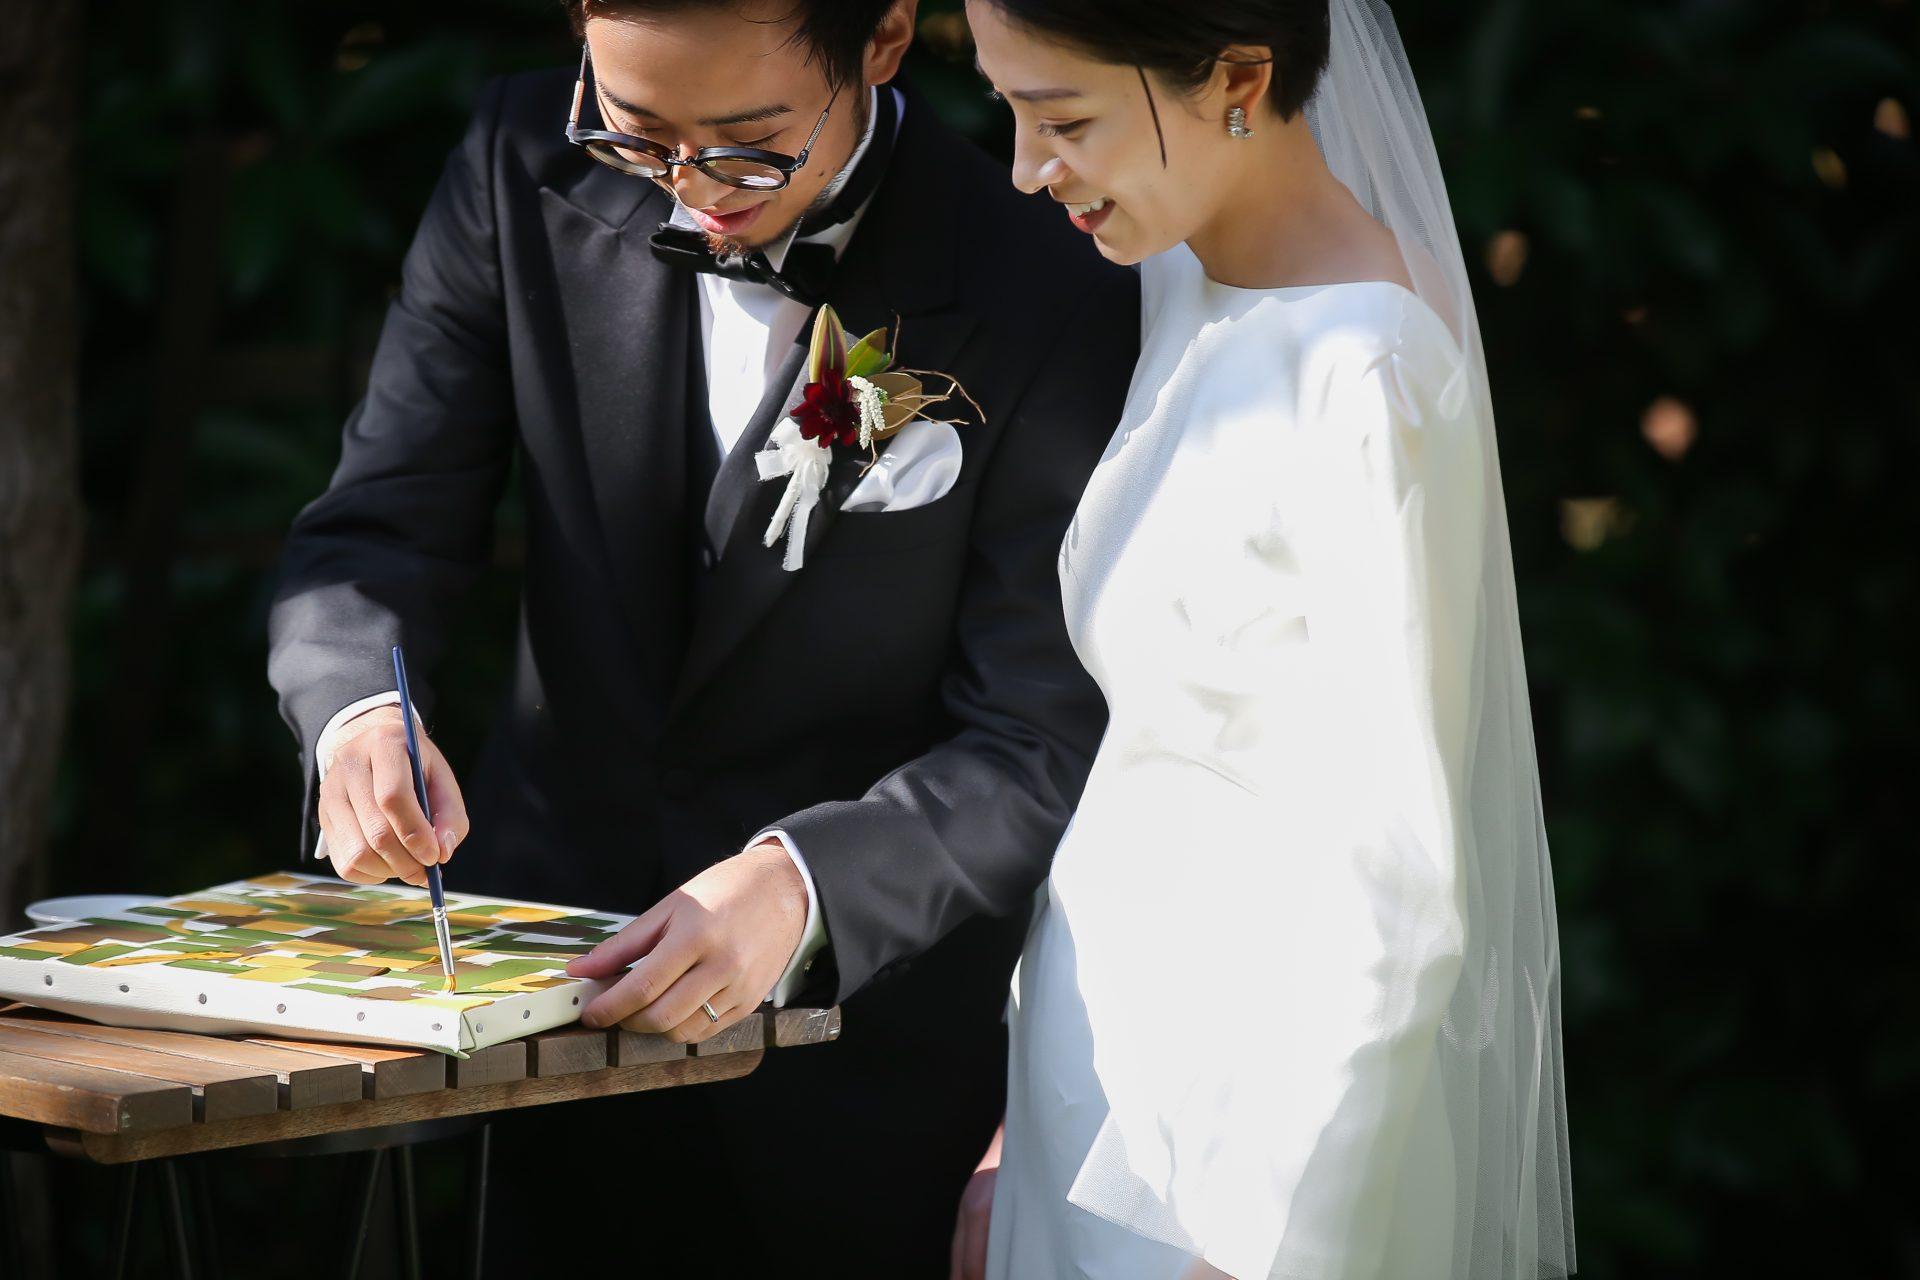 ザ・ナンザンハウスでお式や前撮りをされるご新婦様におすすめのクレープ生地のロングスリーブドレス